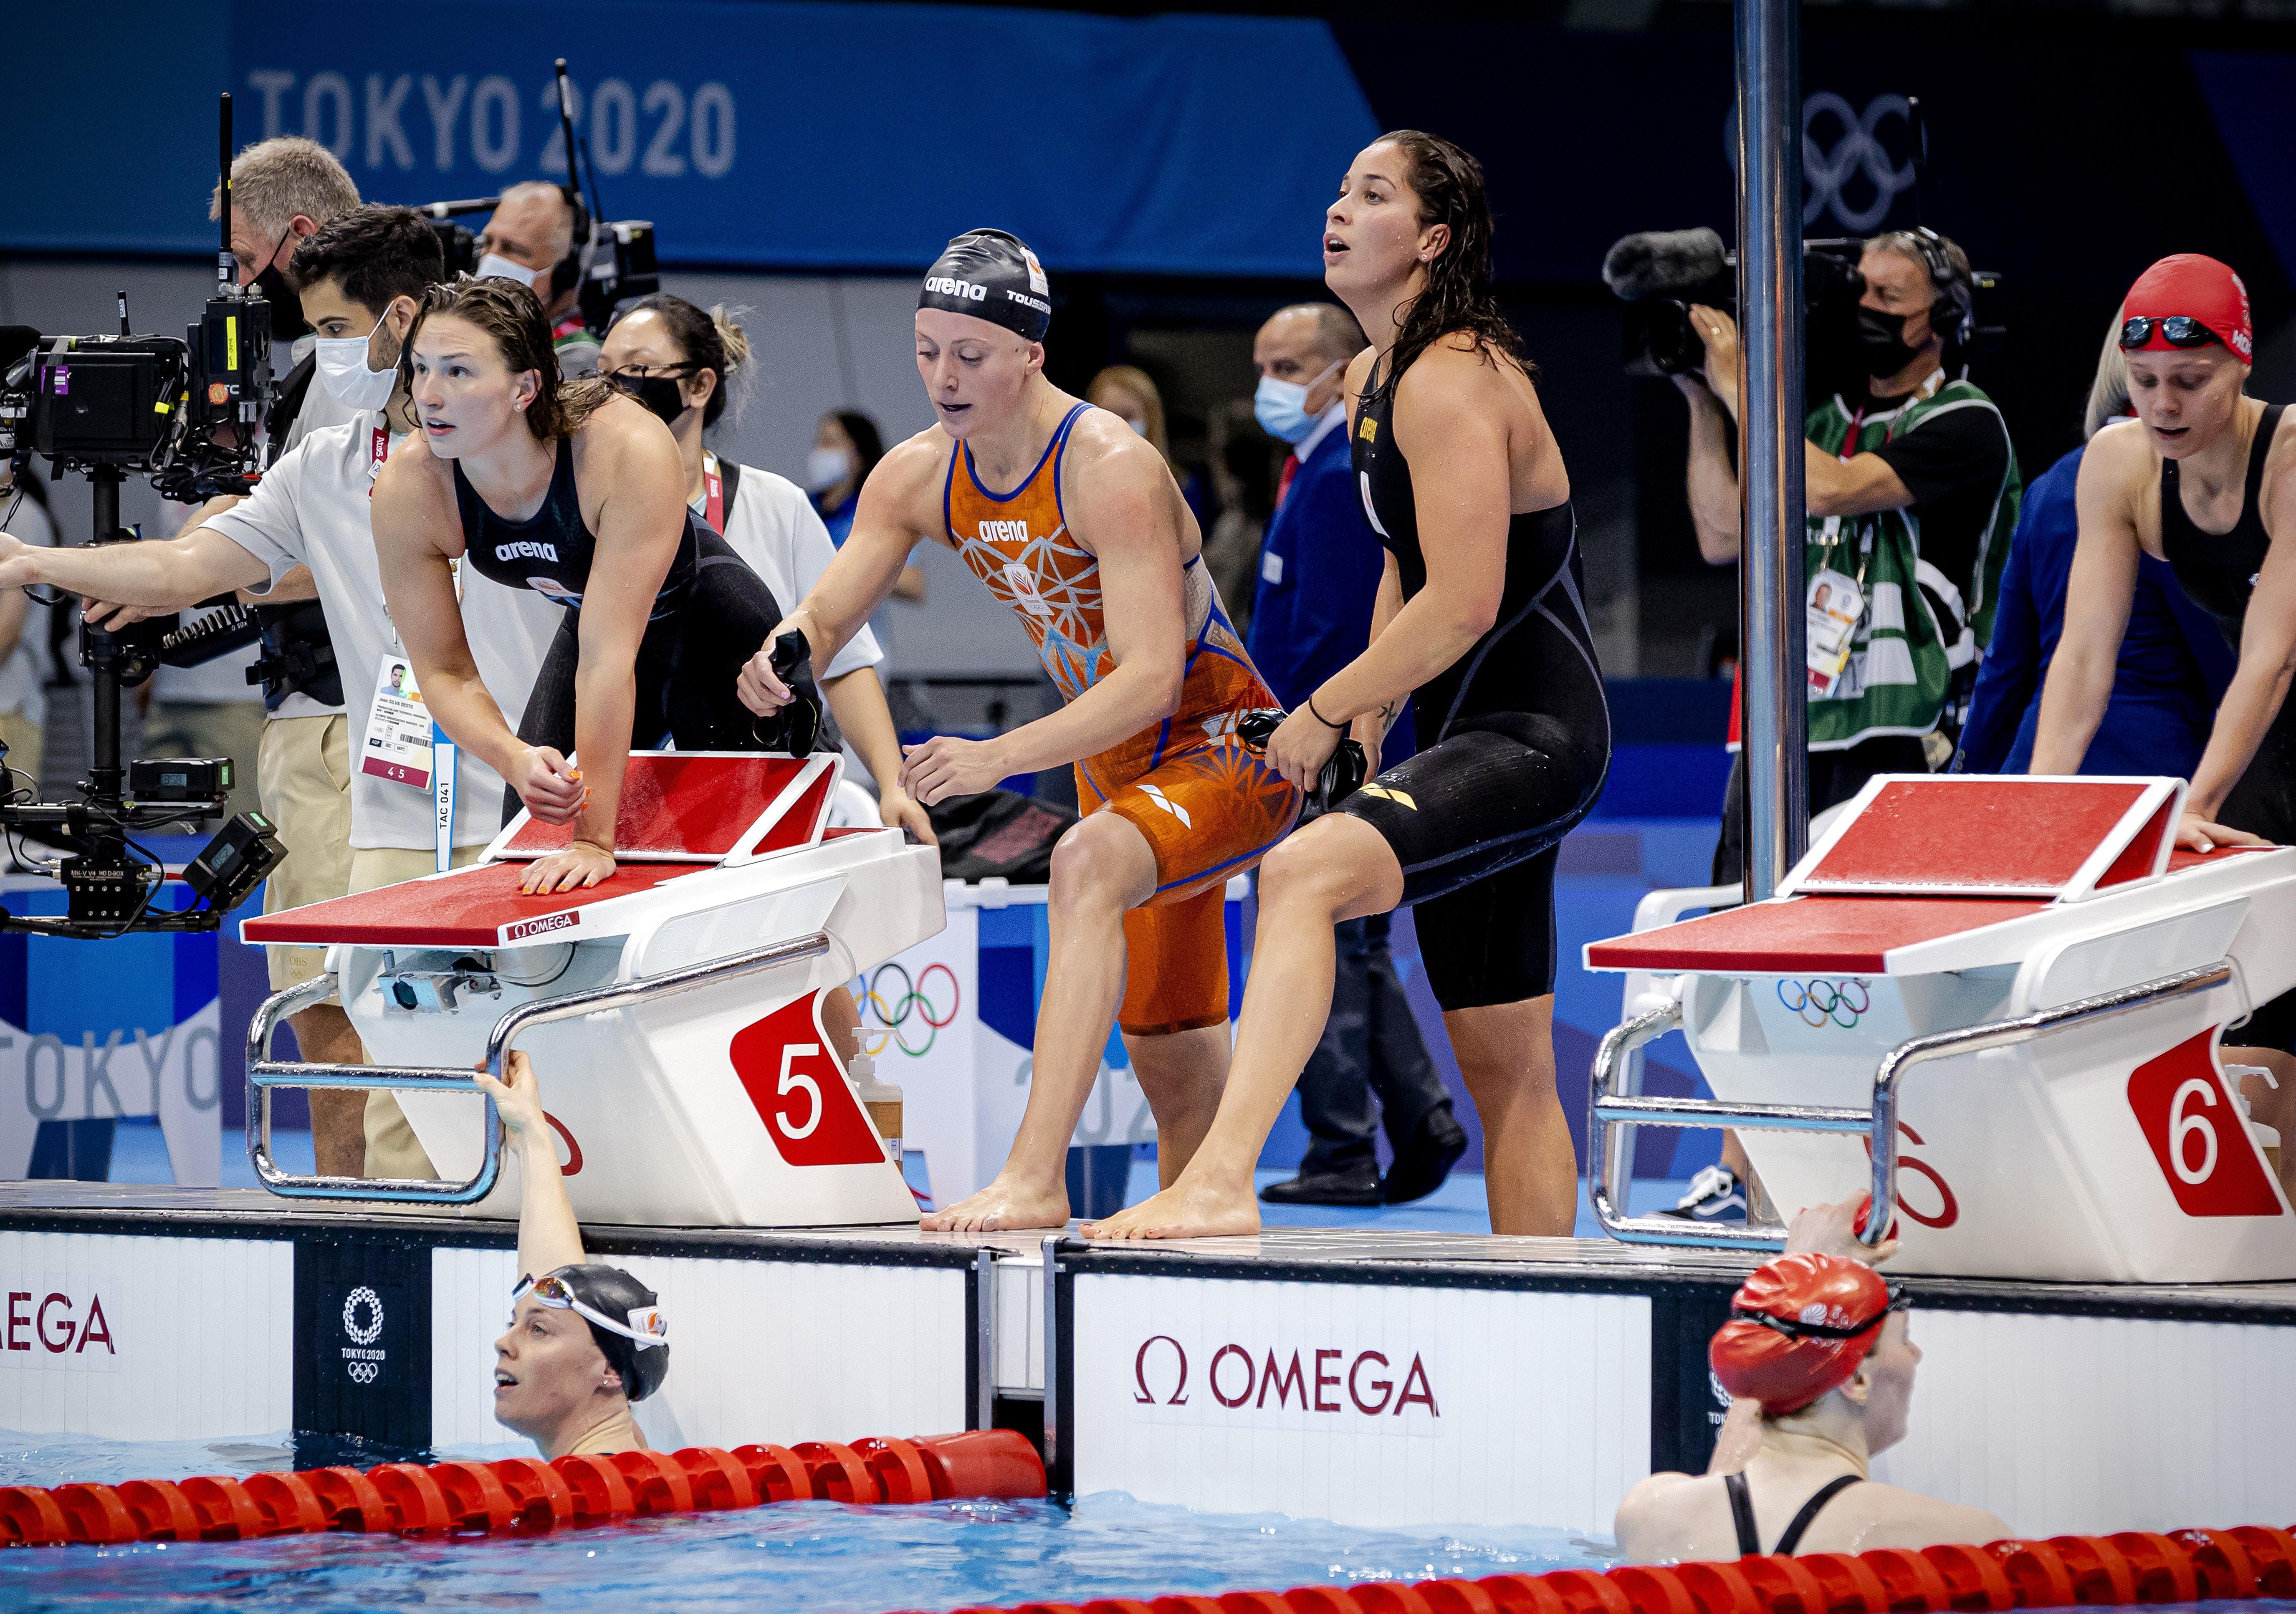 Vierde plek in Tokio voelt voor zwemsters anders dan in Rio